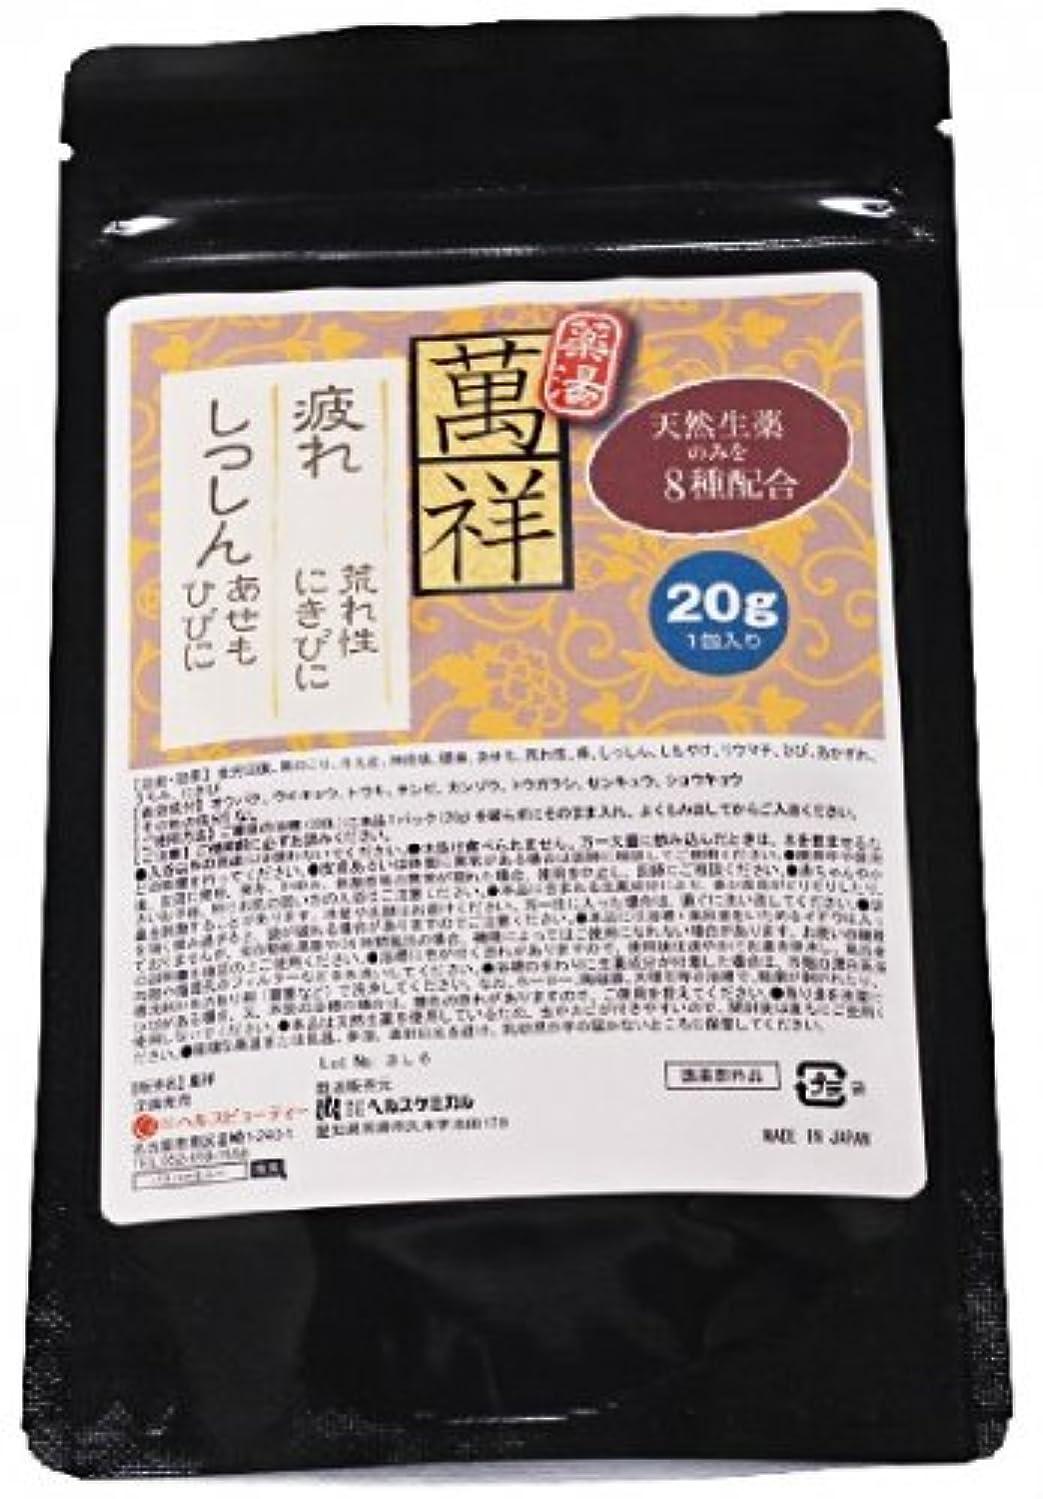 シンプトンマイナスバリー萬祥 1回分 刻み 生薬 薬湯 分包 タイプ 天然生薬 の 香り 医薬部外品